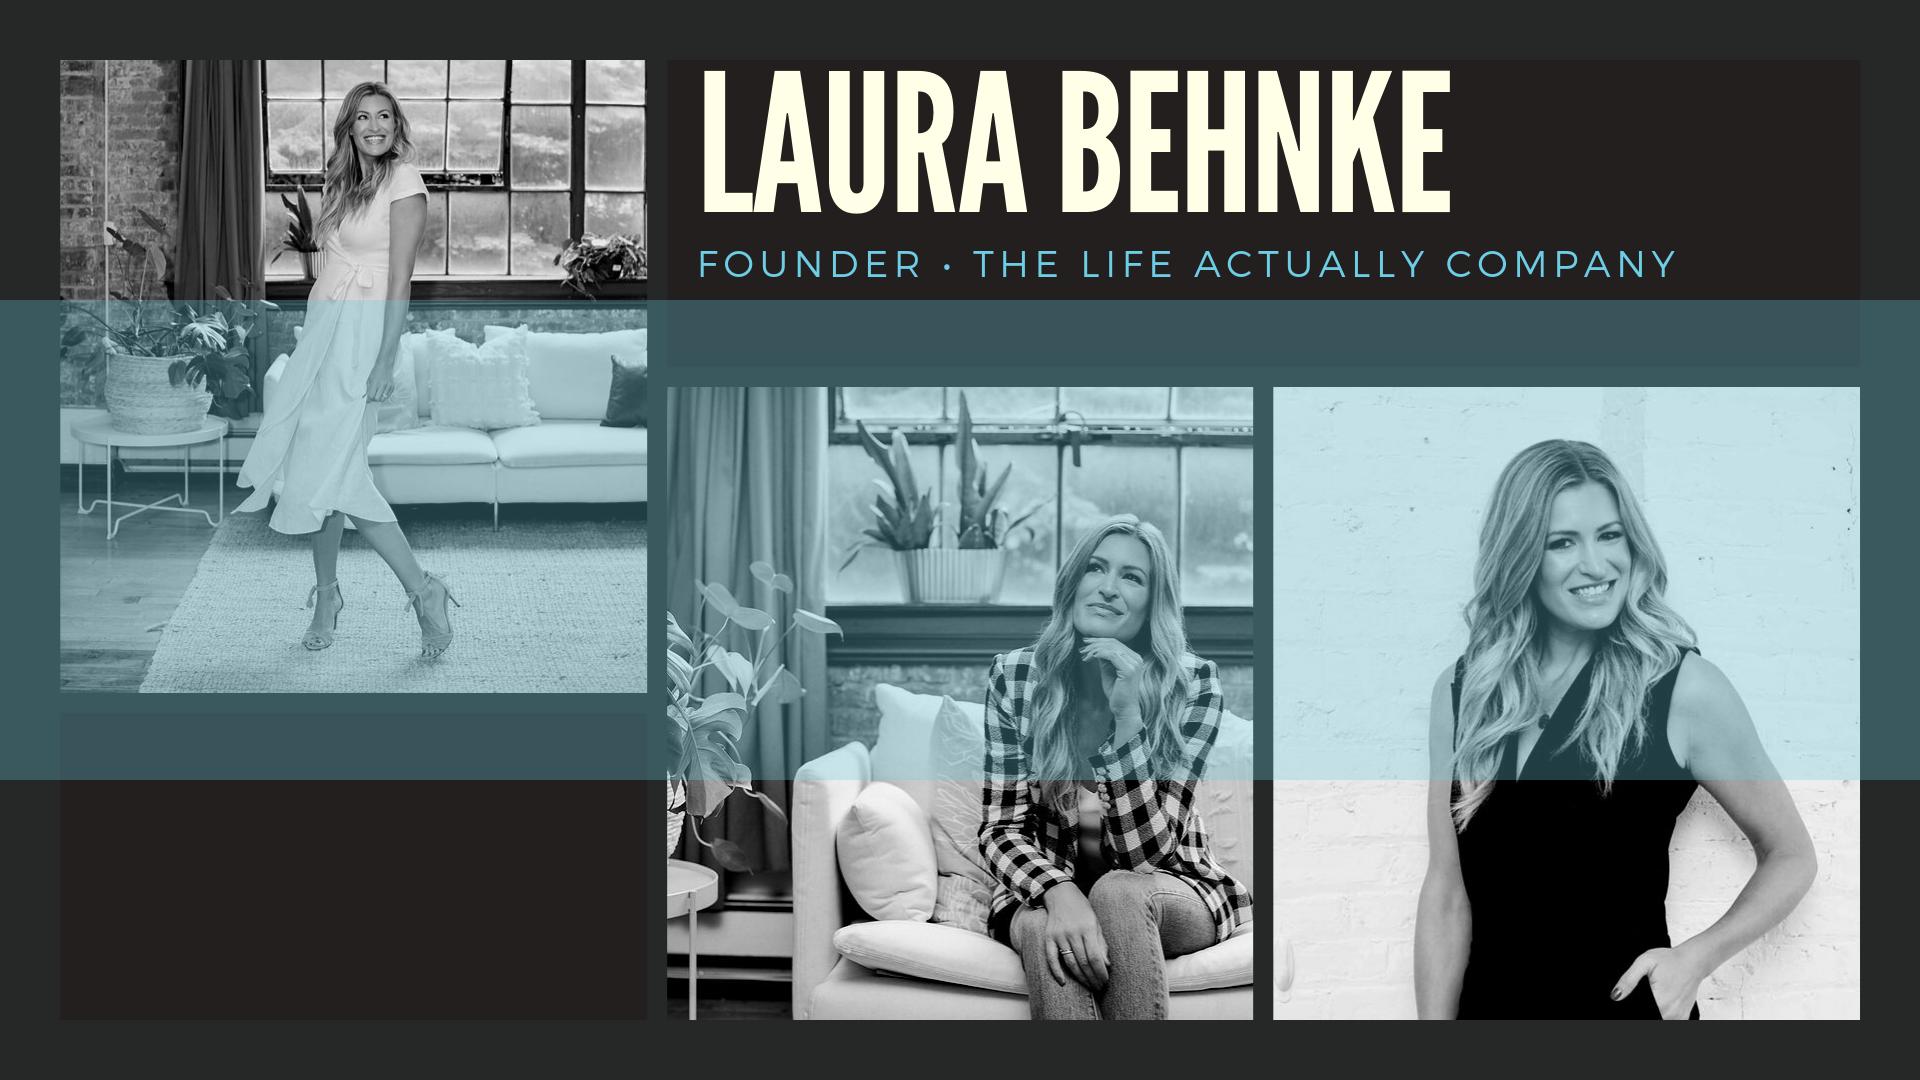 Laura Behnke